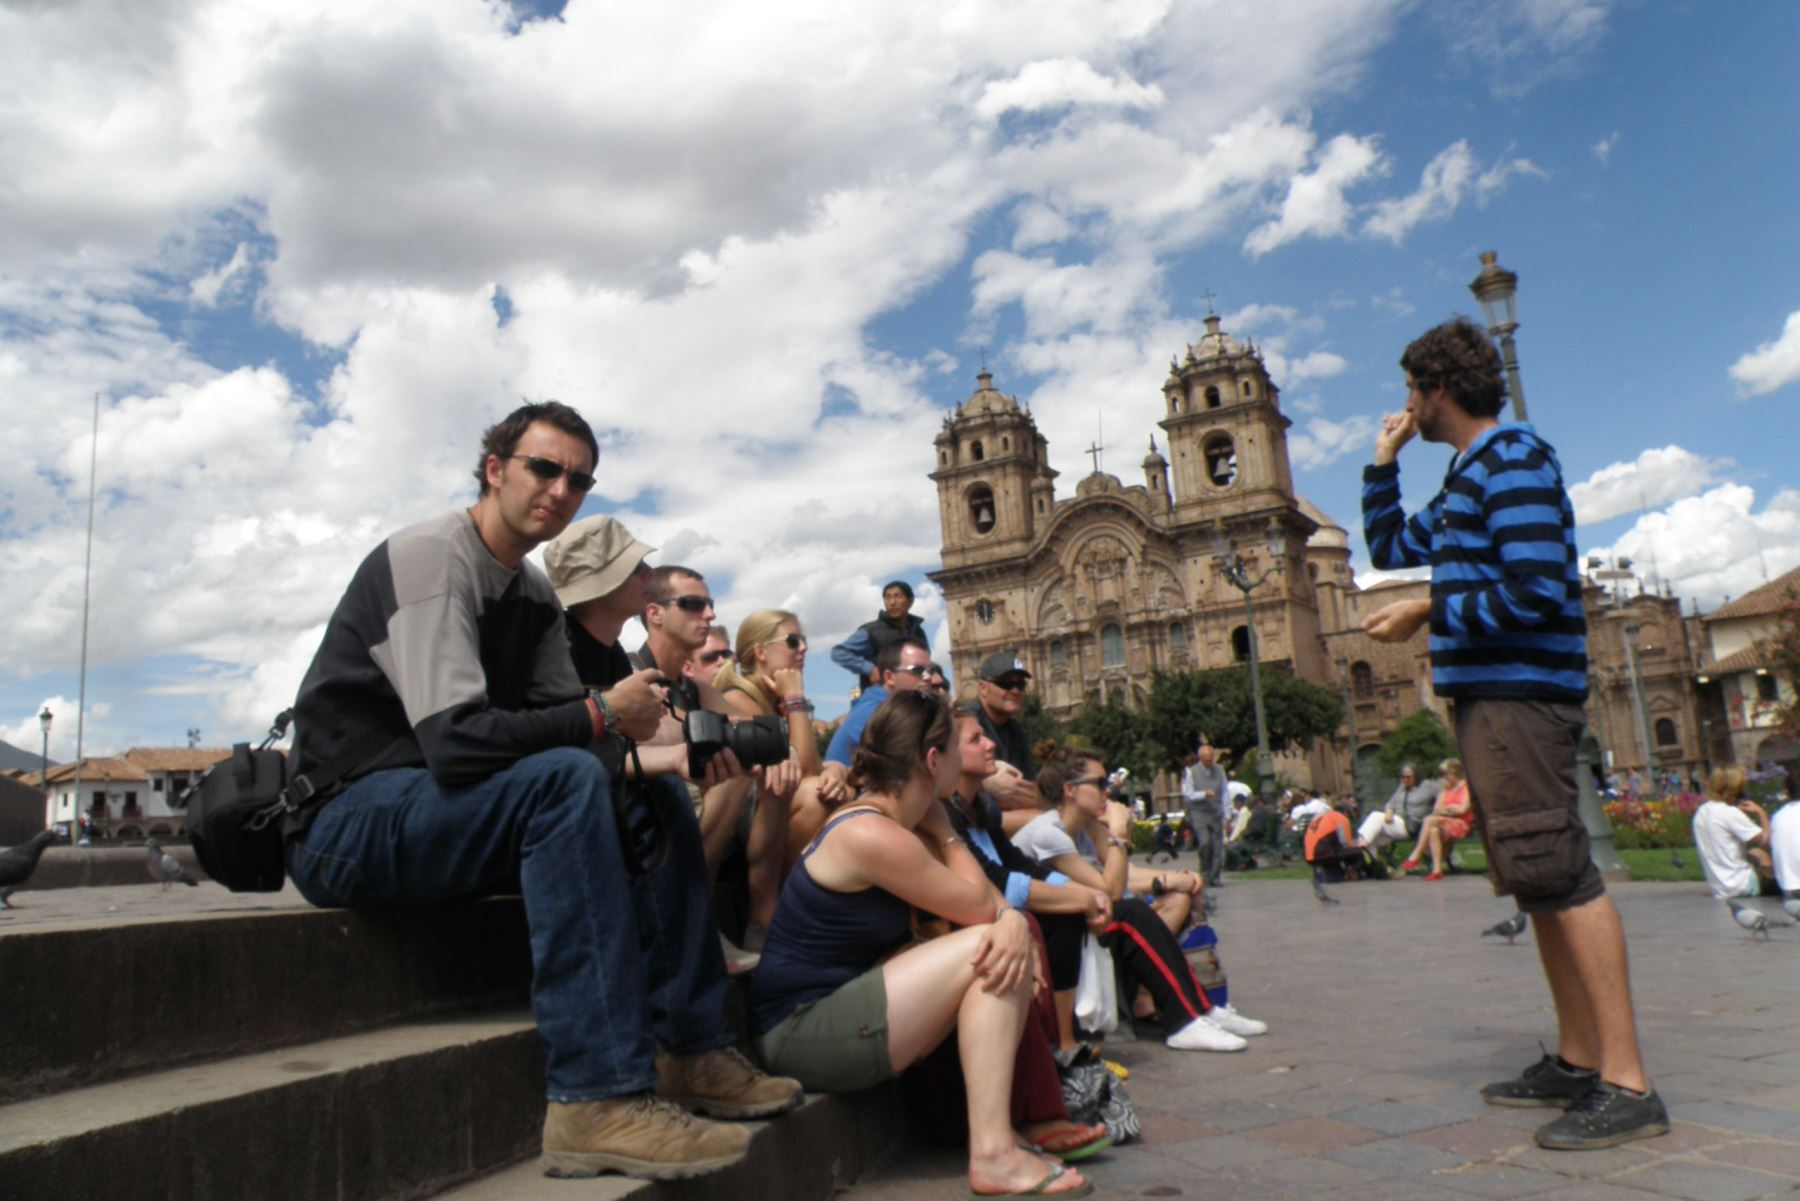 La ciudad de Cusco espera recibir más de 50,000 turistas durante las Fiestas Patrias. ANDINA/Archivo.